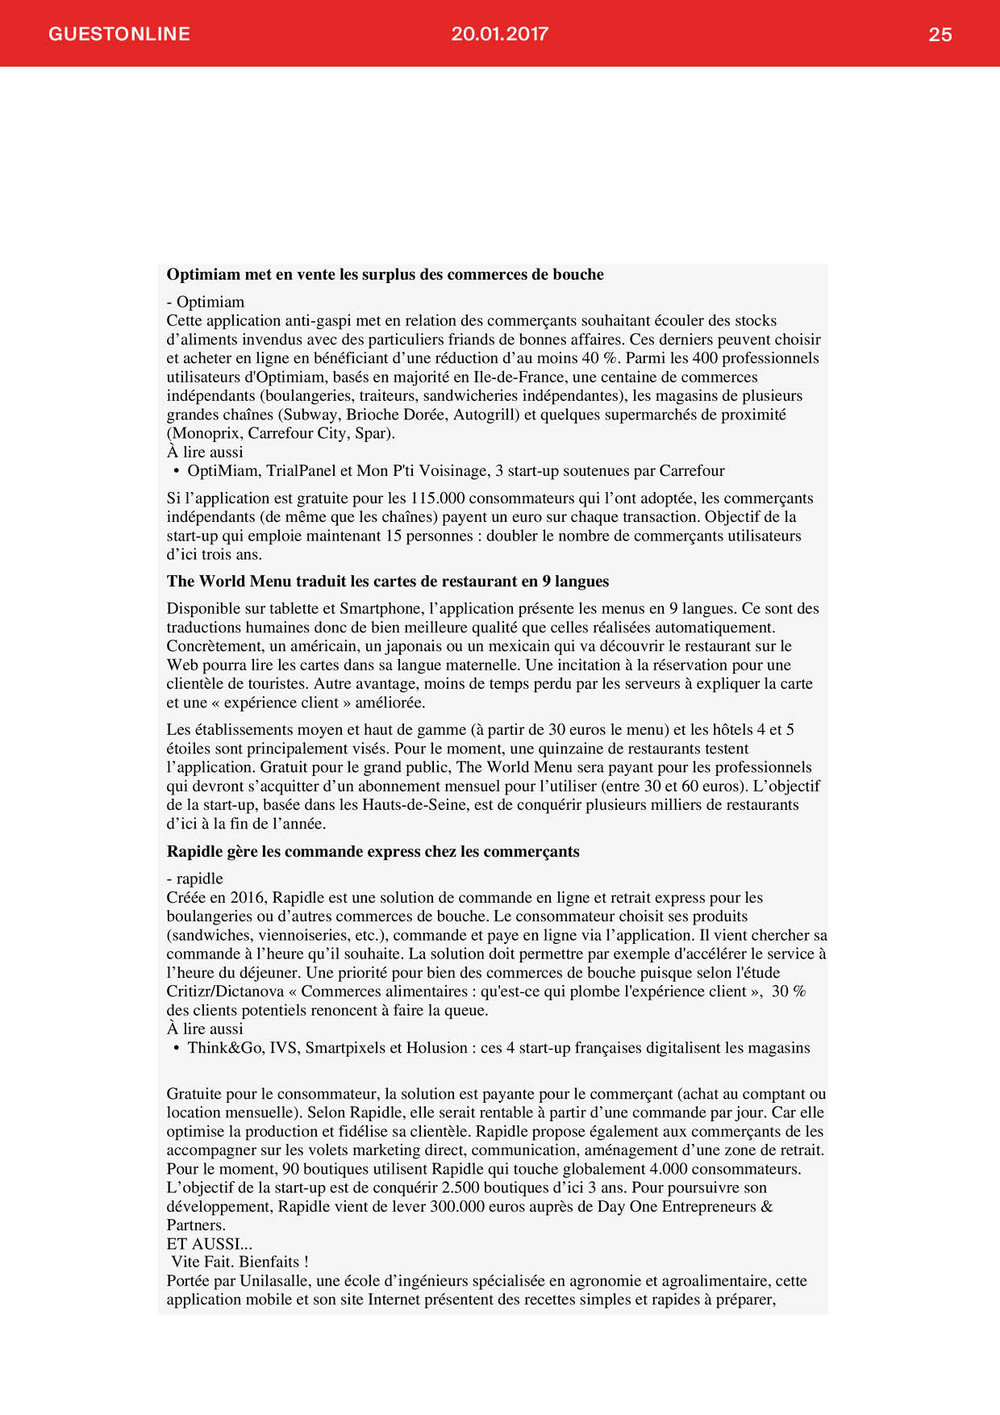 BOOKMEDIA_FEV_WEB25.jpg